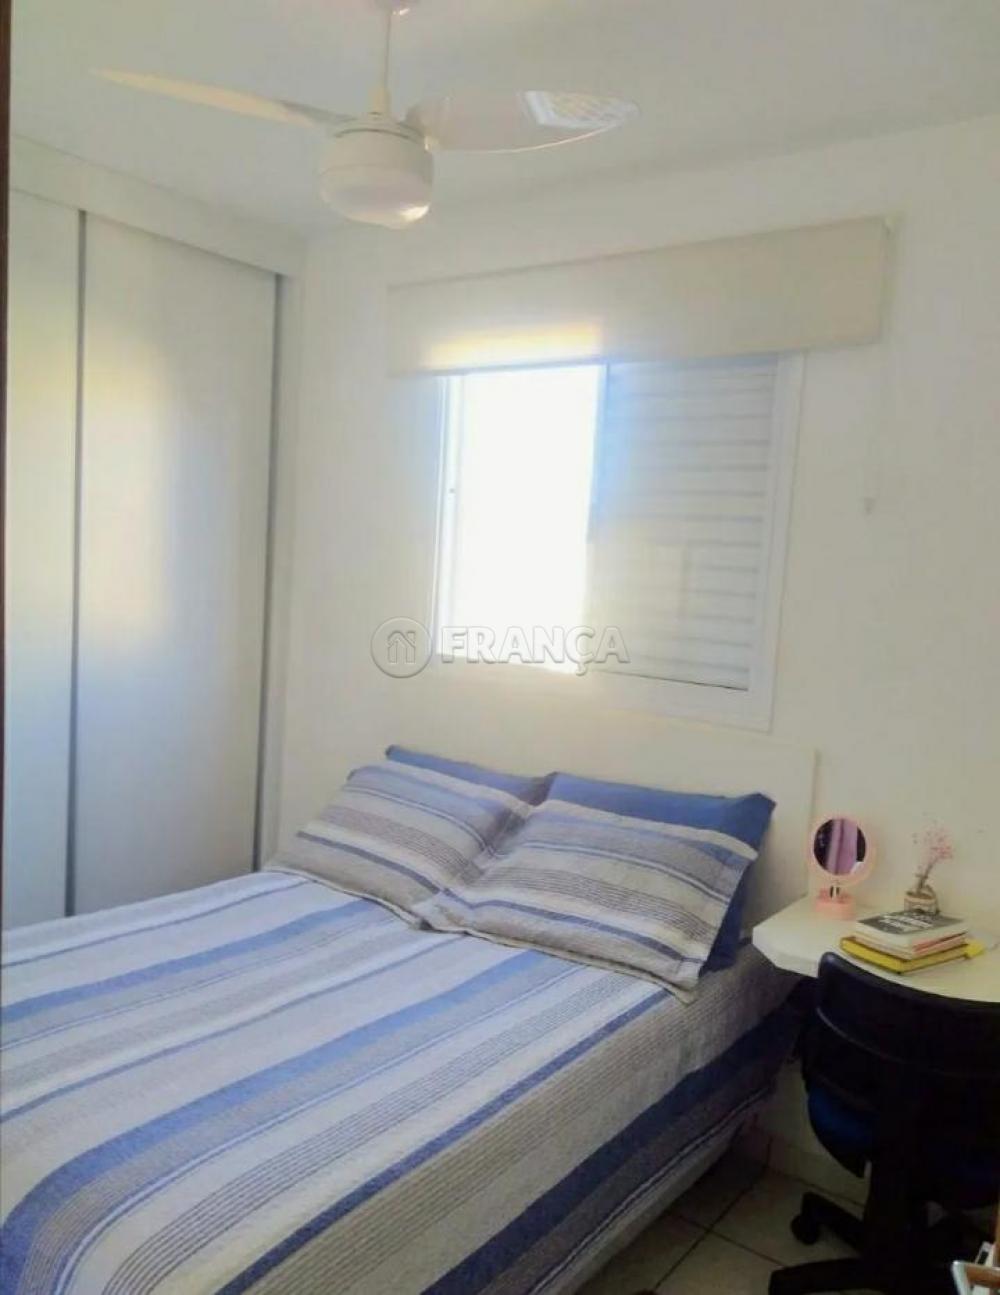 Comprar Apartamento / Padrão em São José dos Campos apenas R$ 180.200,00 - Foto 10